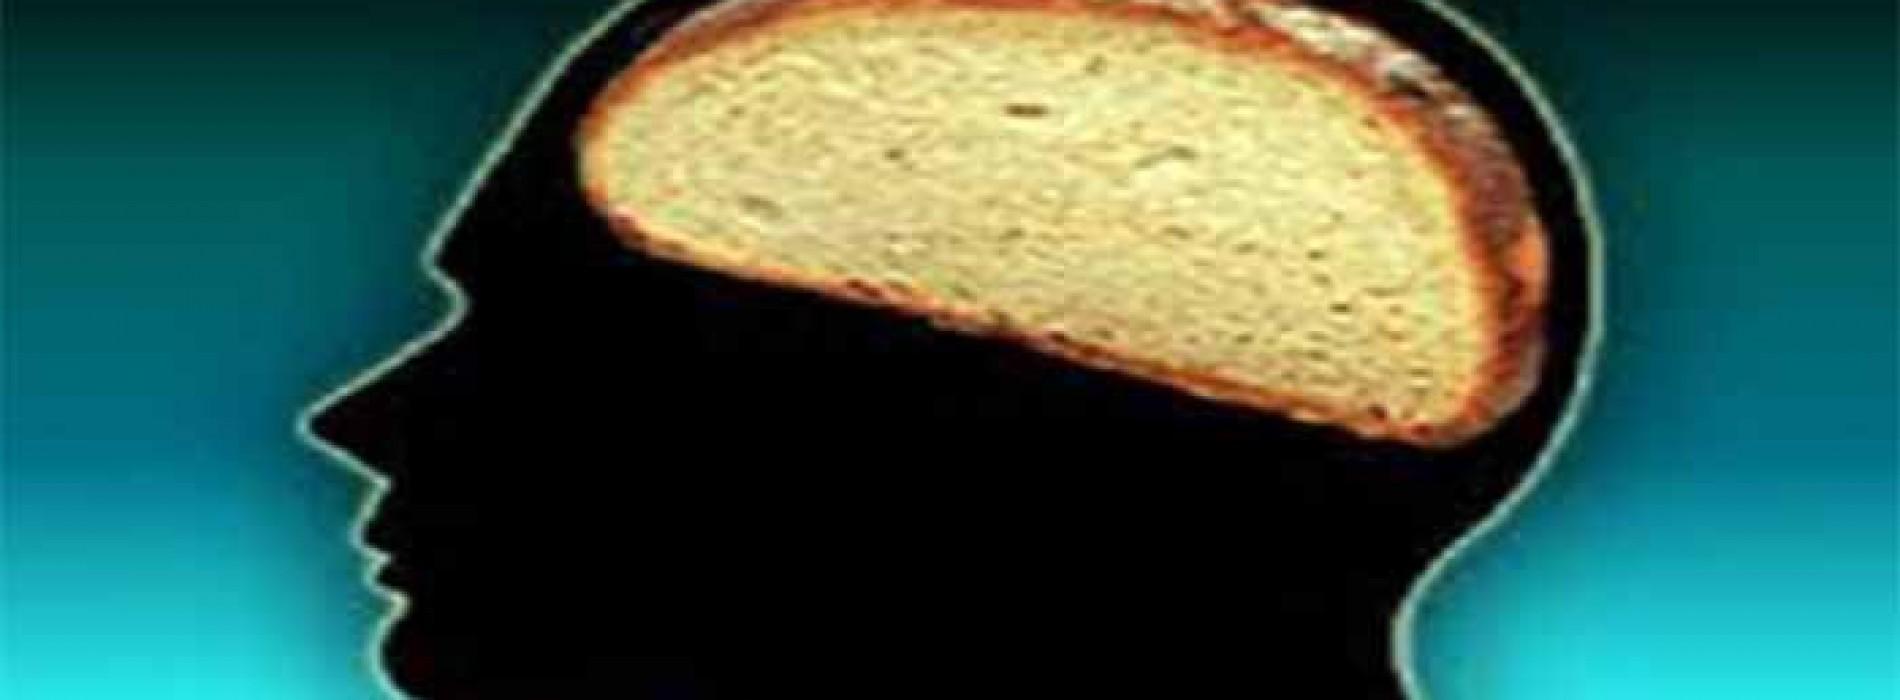 Waarom tarwe, koolhydraten en suiker enorme impact op brein hebben, volgens de neuroloog